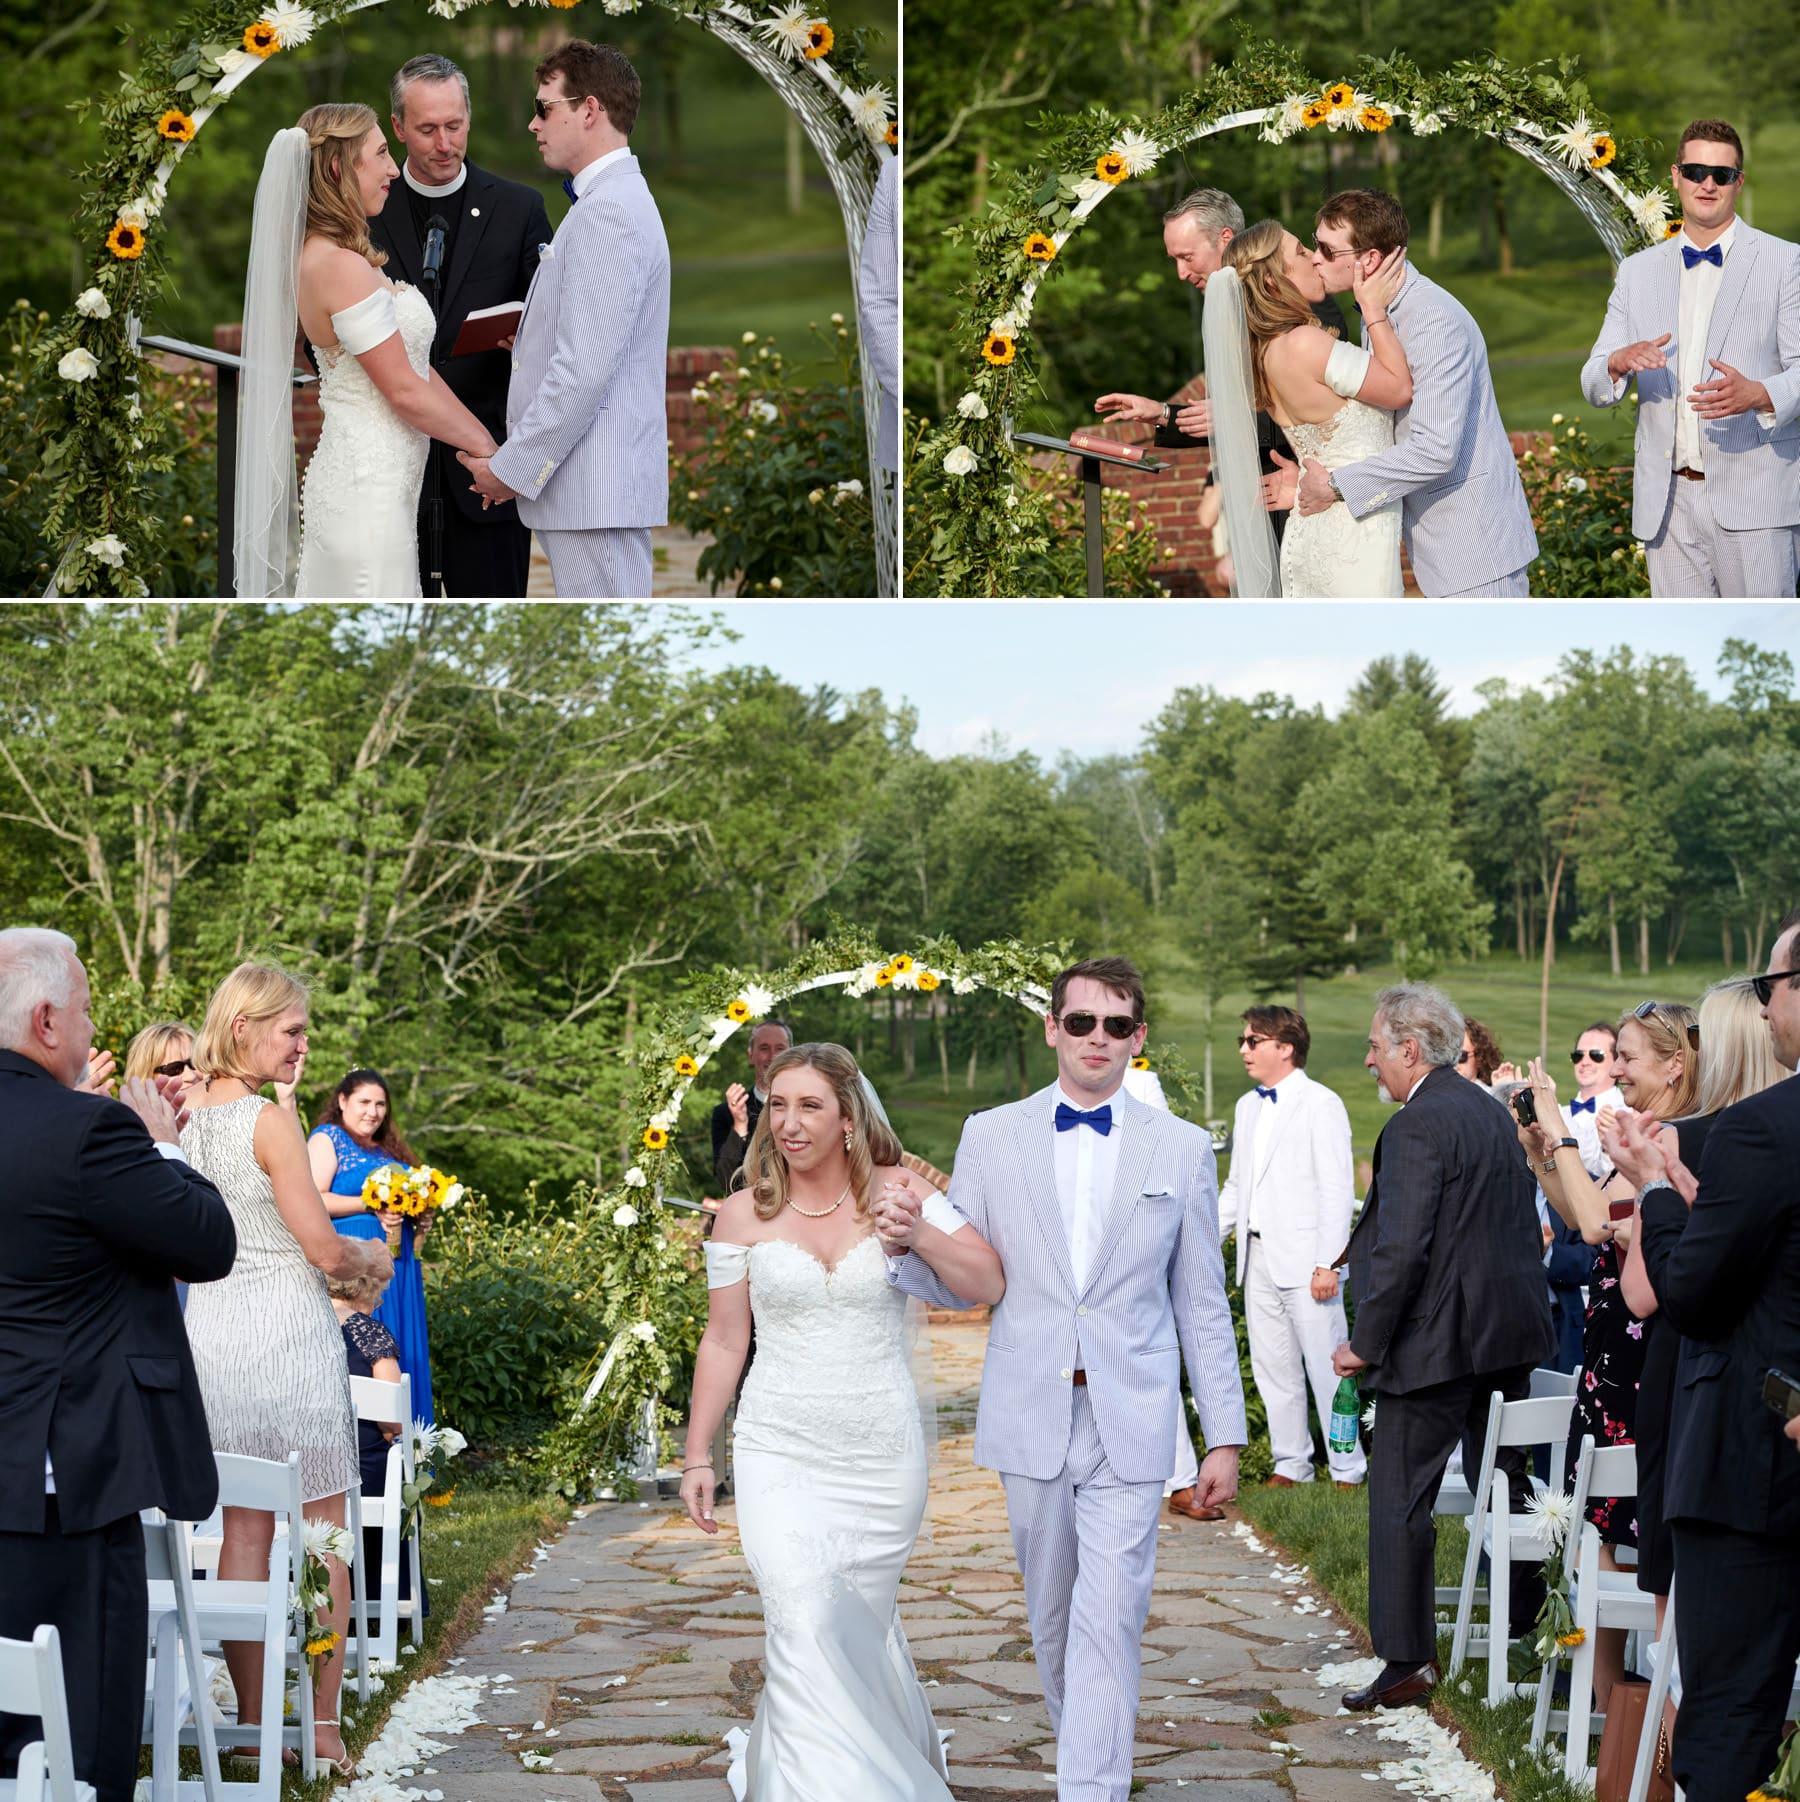 first wedding kiss photos at Hamilton Farm Golf Club